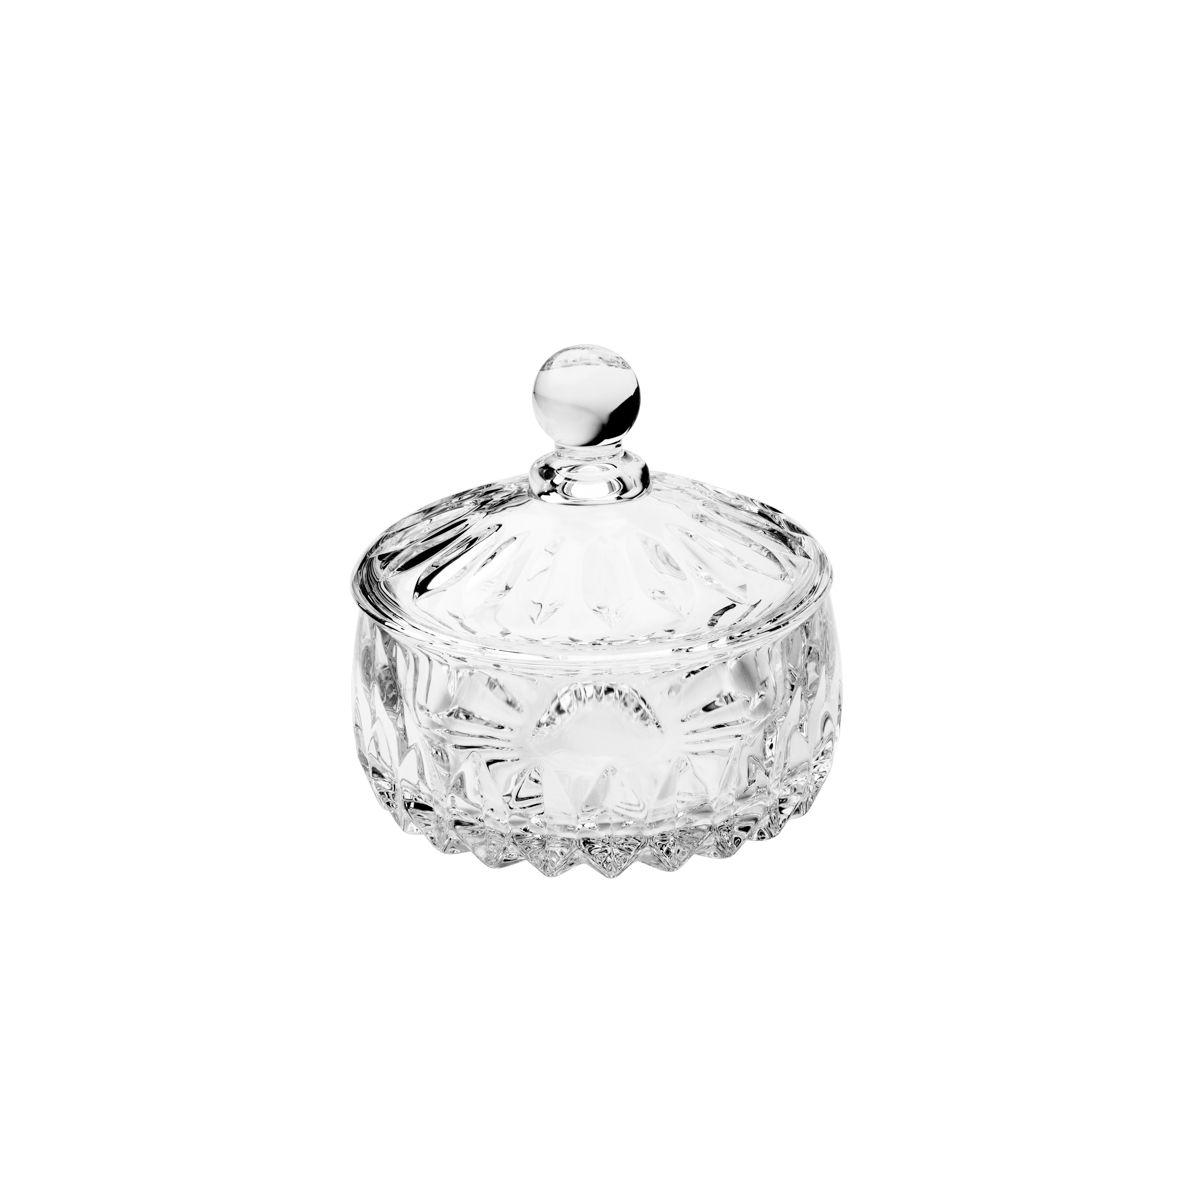 Bomboniere 11 cm de cristal transparente com tampa Louise Wolff - 35195